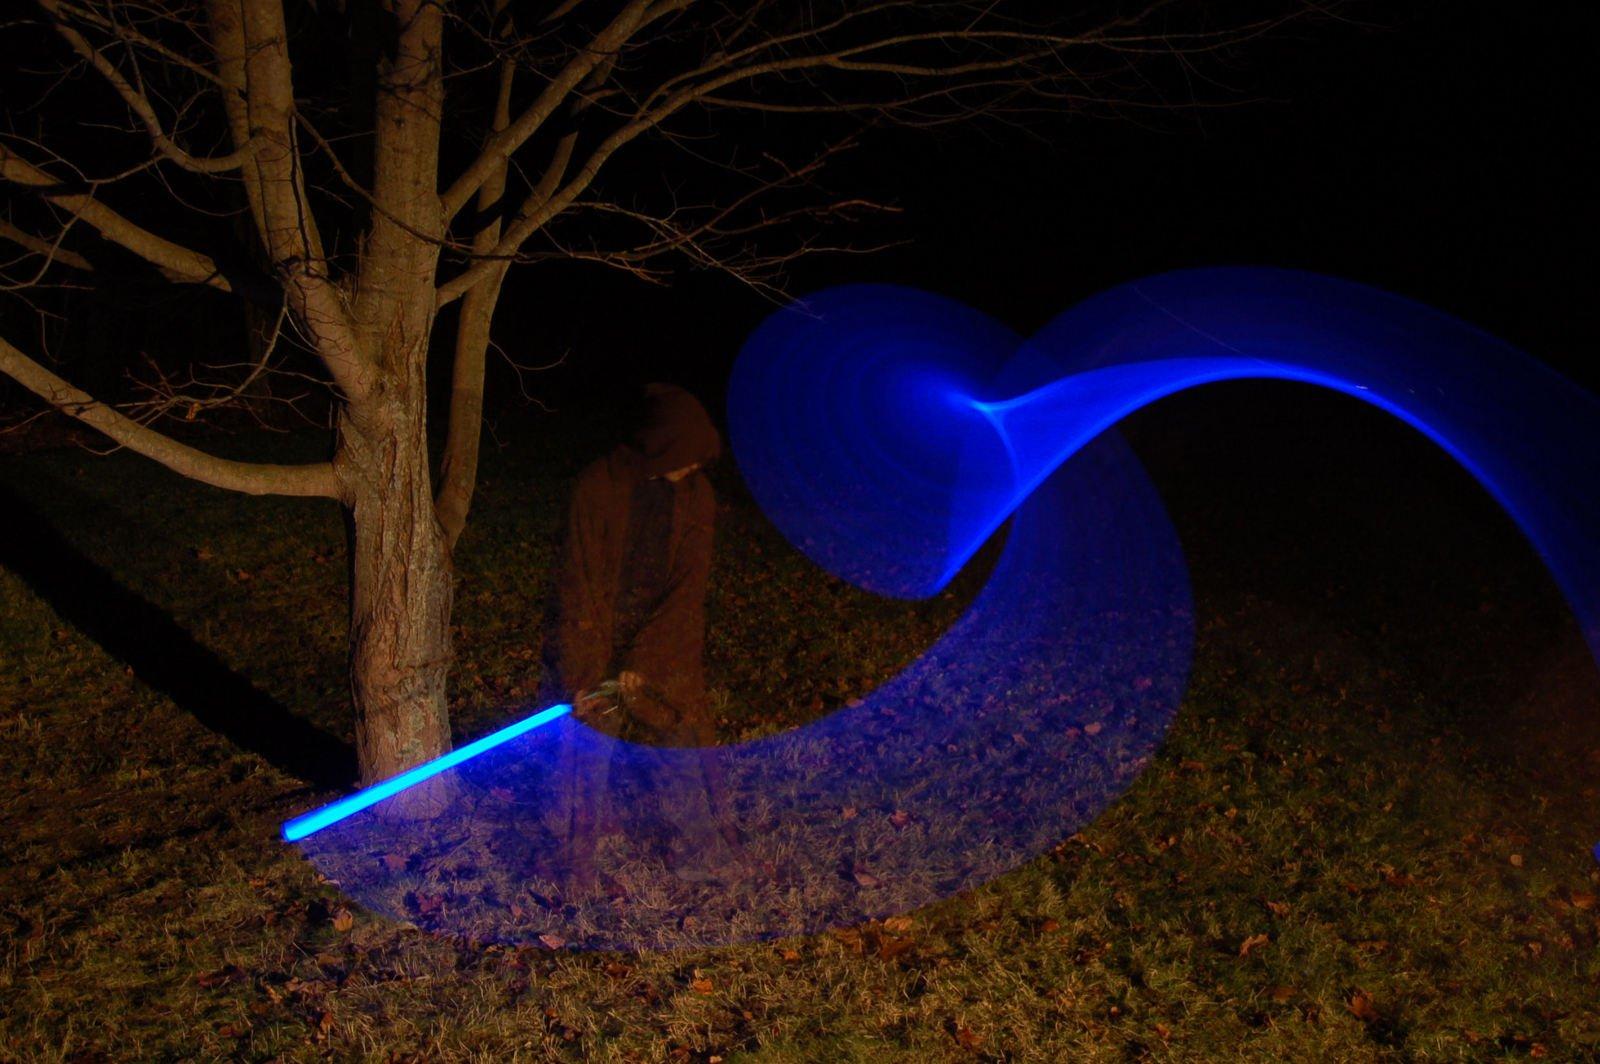 как сделать настоящий световой меч в домашних условиях зимние